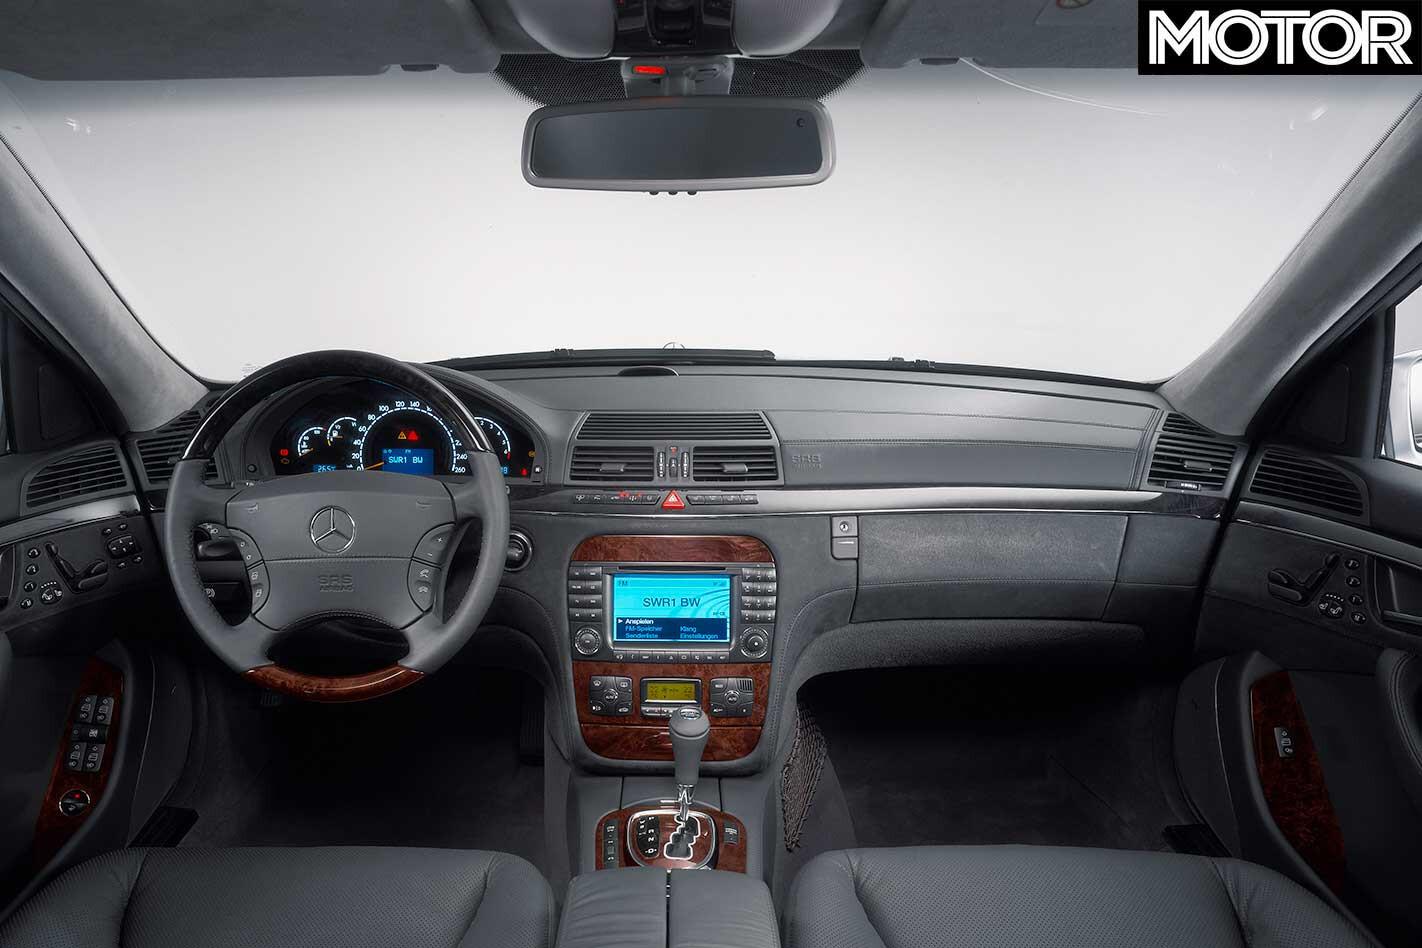 2003 Mercedes-Benz S600L interior